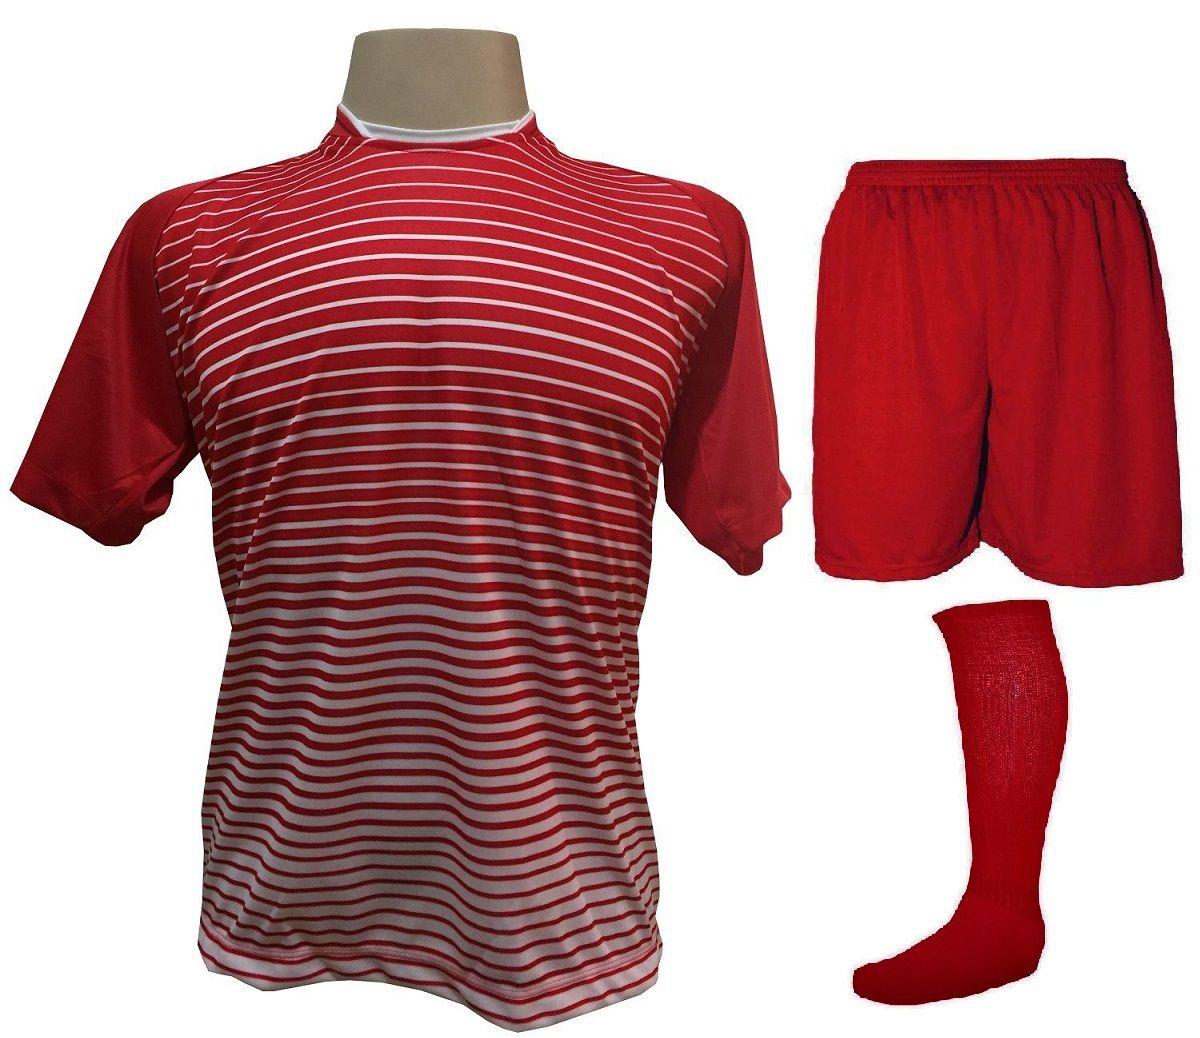 Uniforme Esportivo com 12 Camisas modelo City Vermelho/Branco + 12 Calções modelo Madrid Vermelho + 12 Pares de meiões Vermelho   - ESTAÇÃO DO ESPORTE